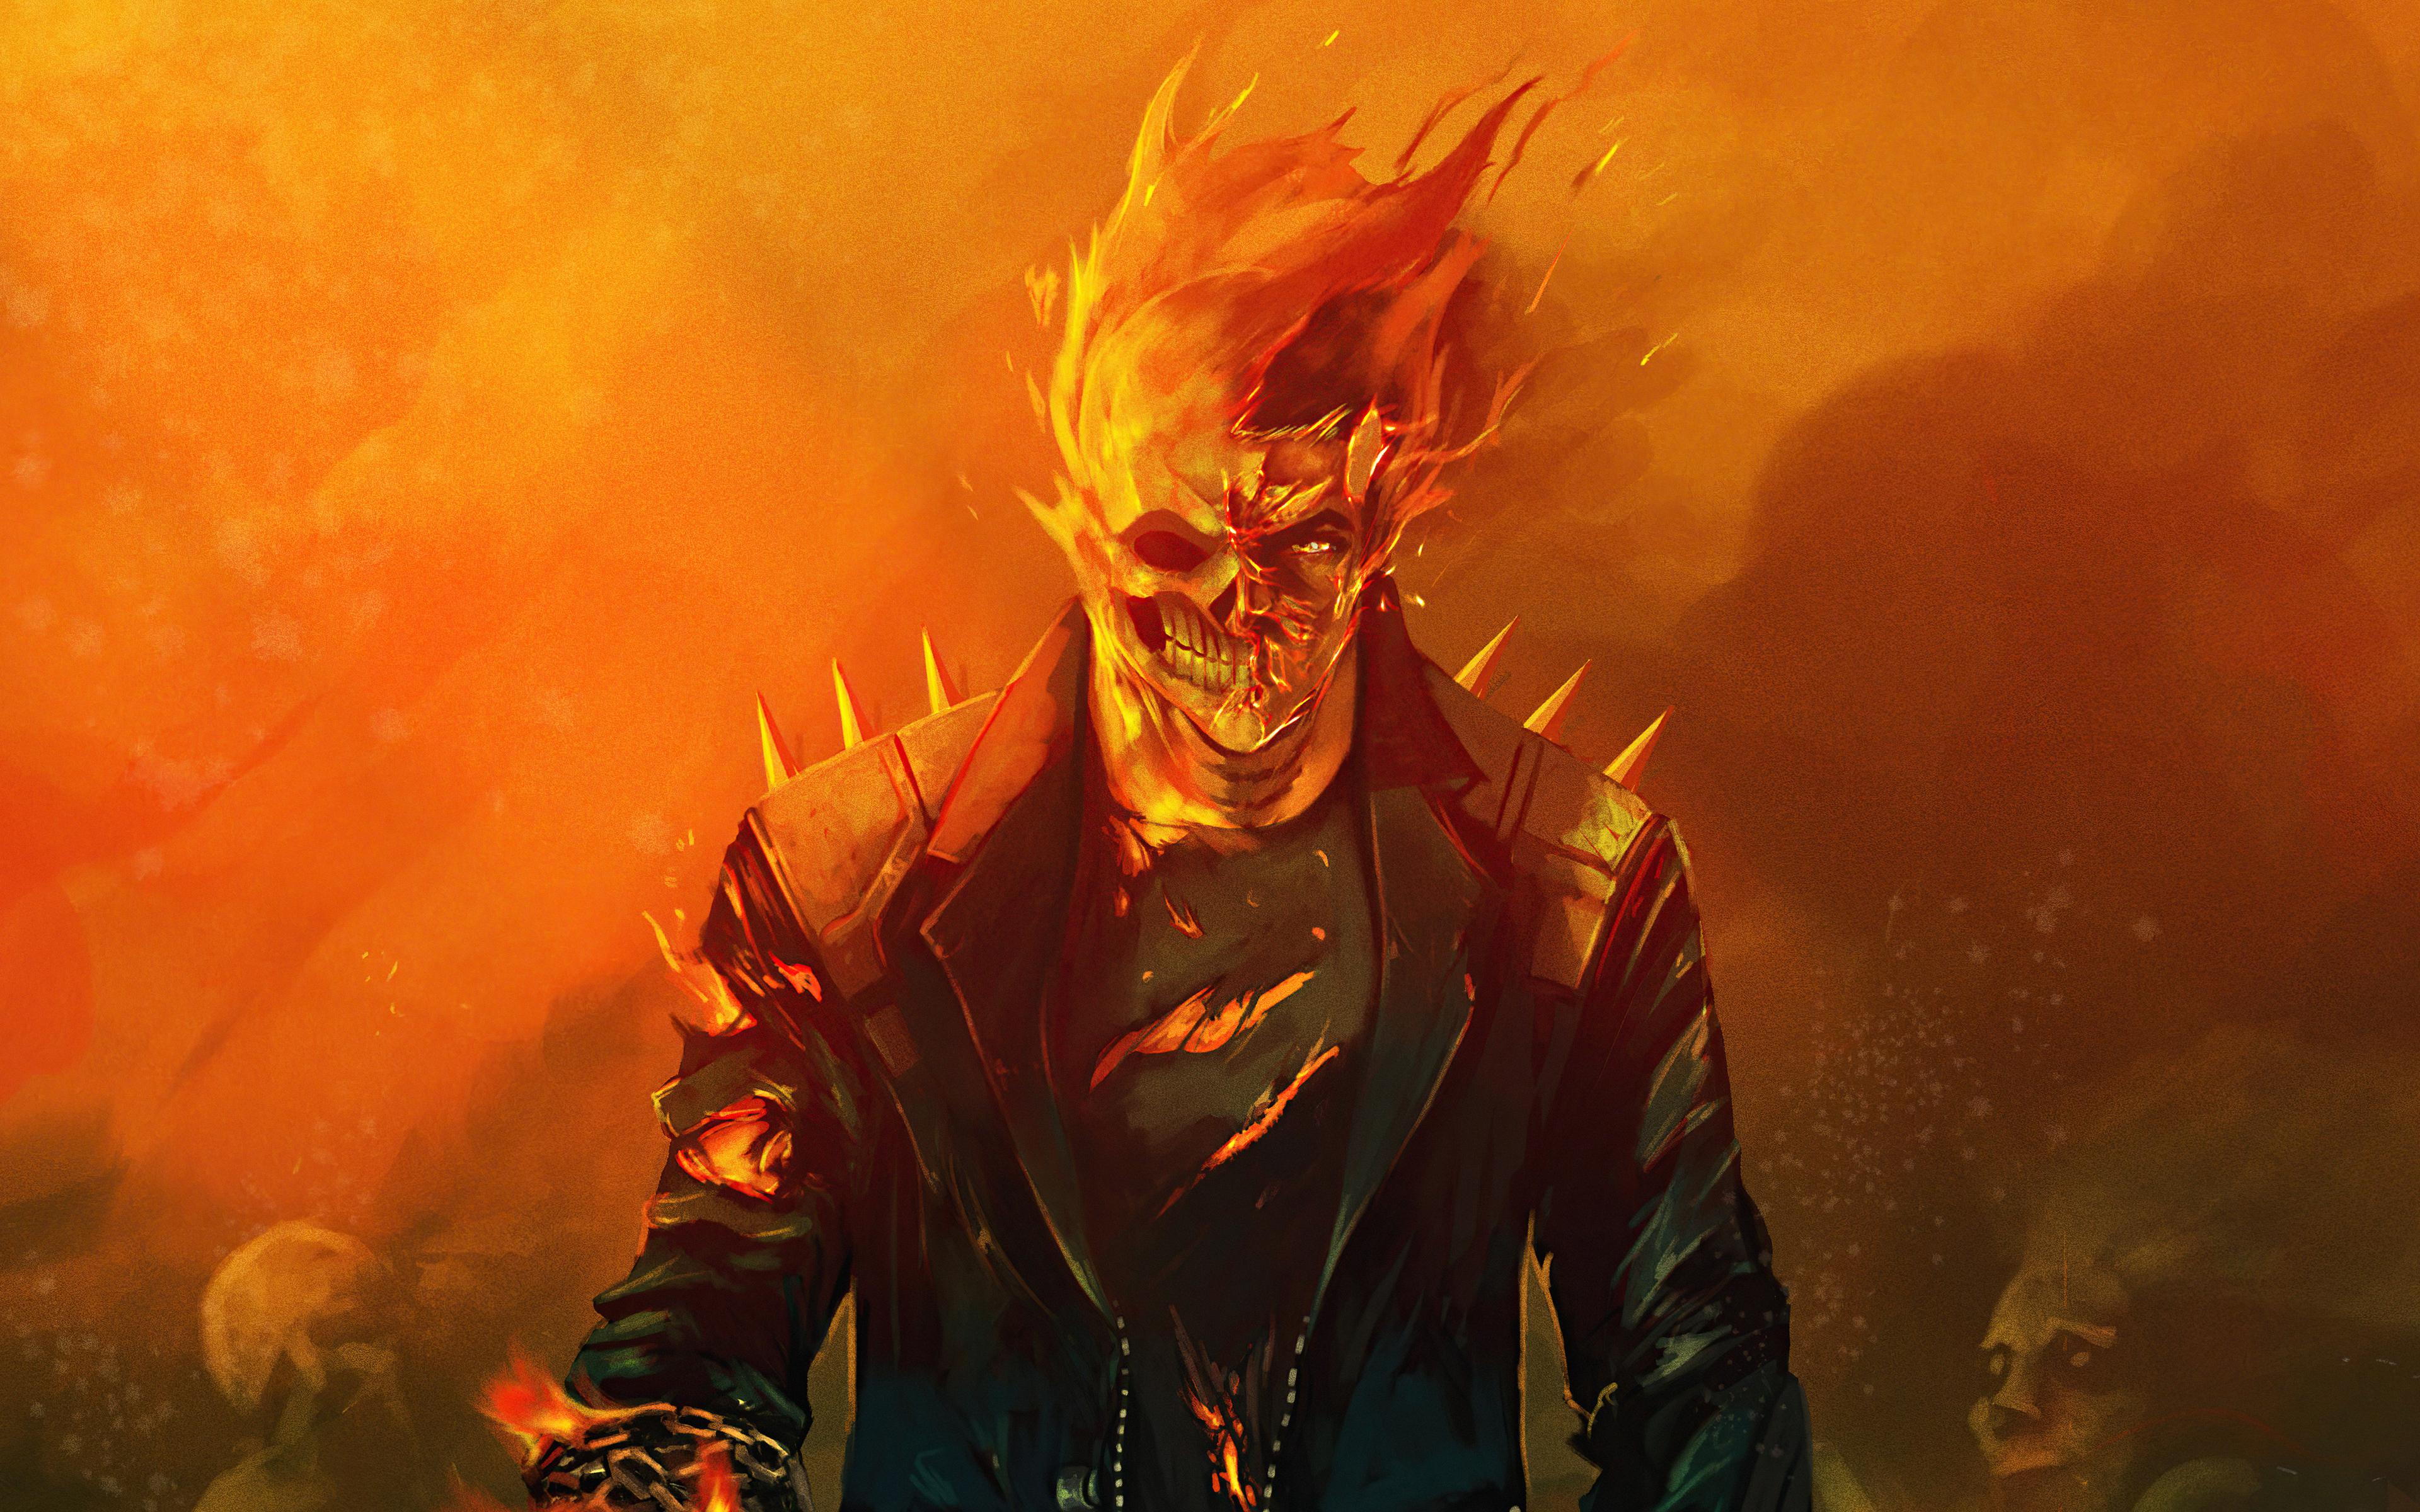 ghost-rider-flame-hero-5k-9x.jpg